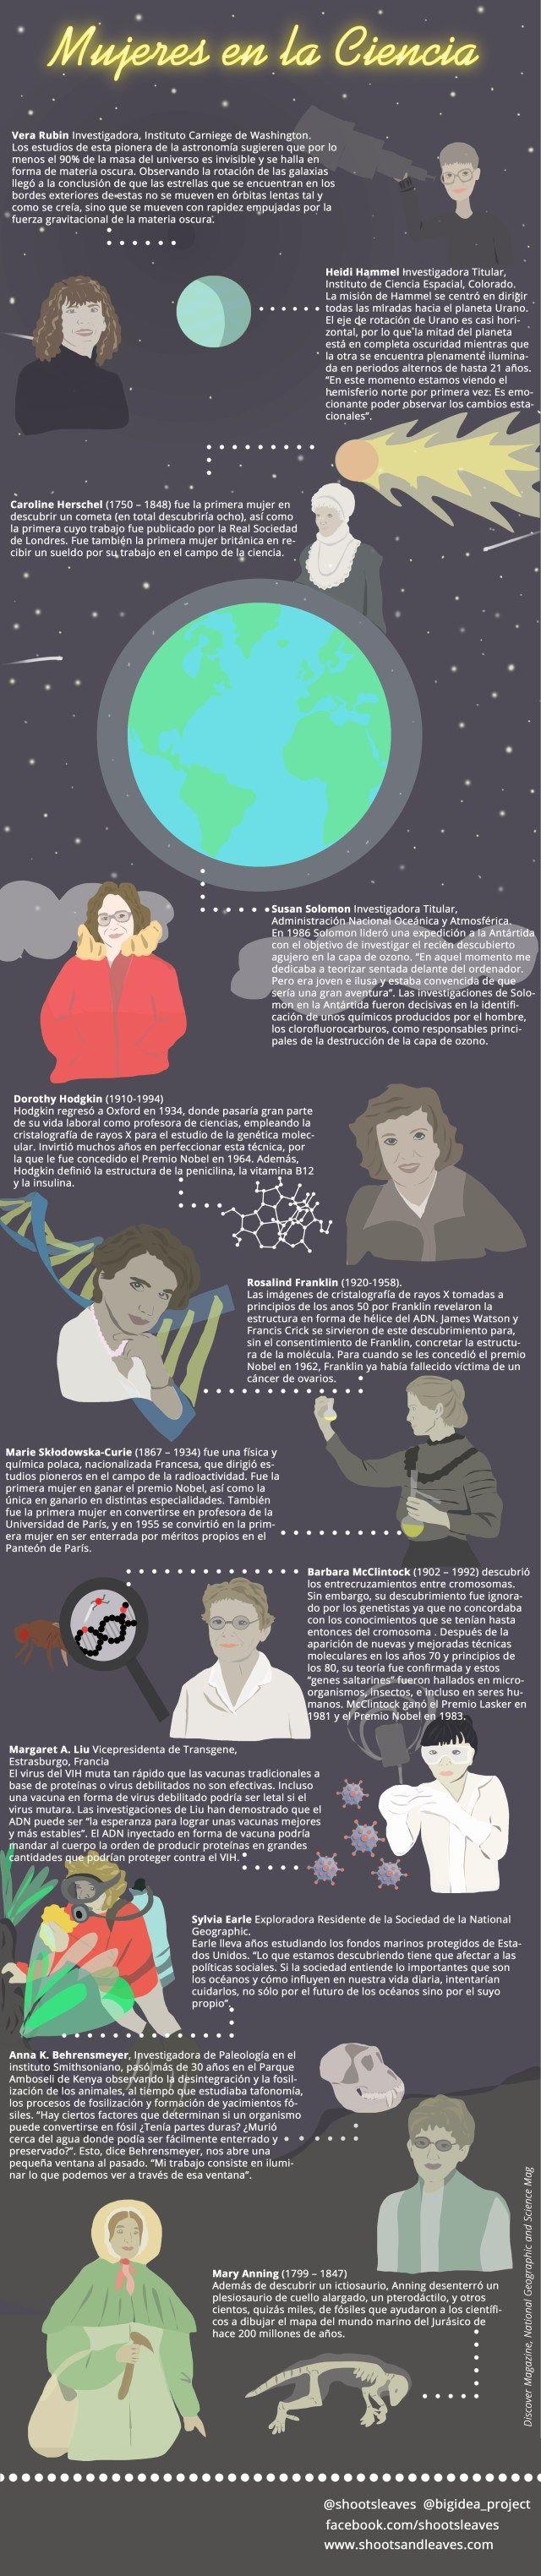 Mujeres en la ciencia #infografia